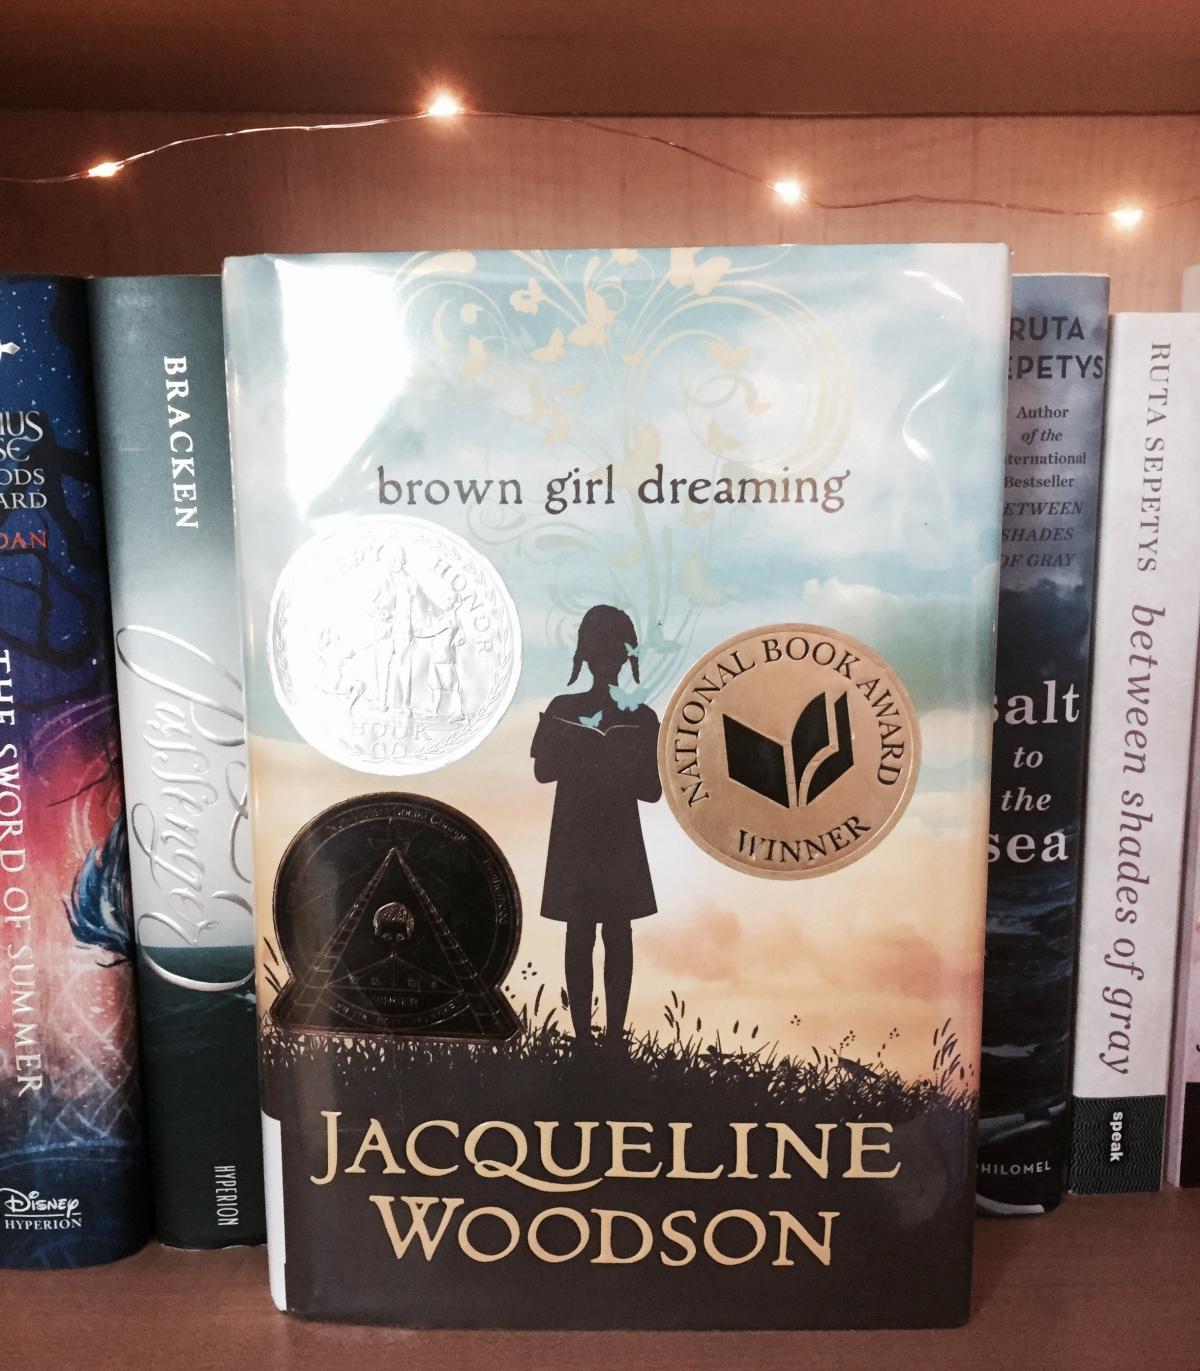 Jacqueline Woodson Reading & SigningEvent